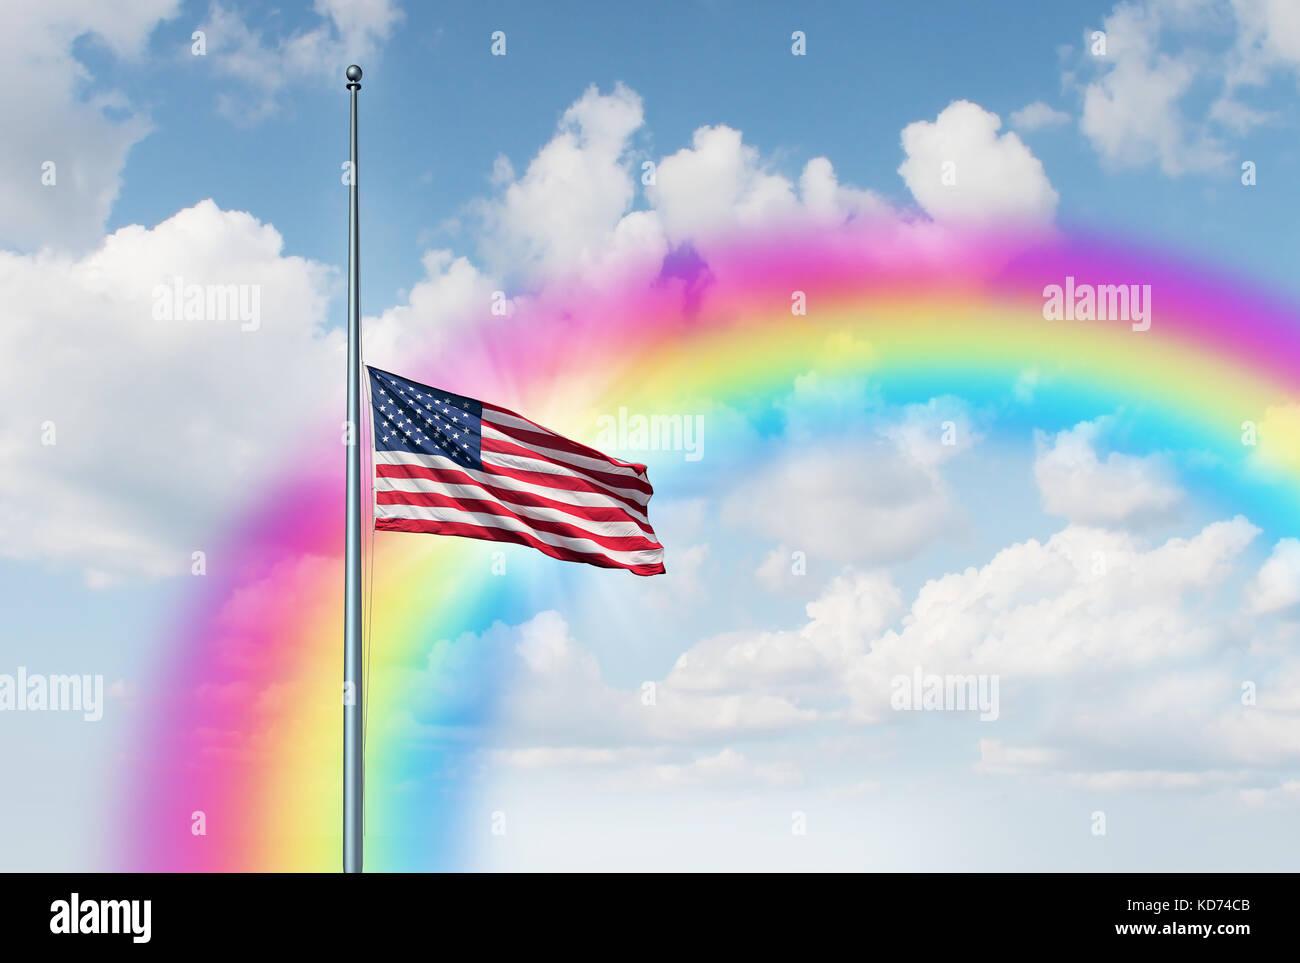 Berne drapeau américain espère concept arc-en-ciel comme un symbole de l'united states volant à Photo Stock